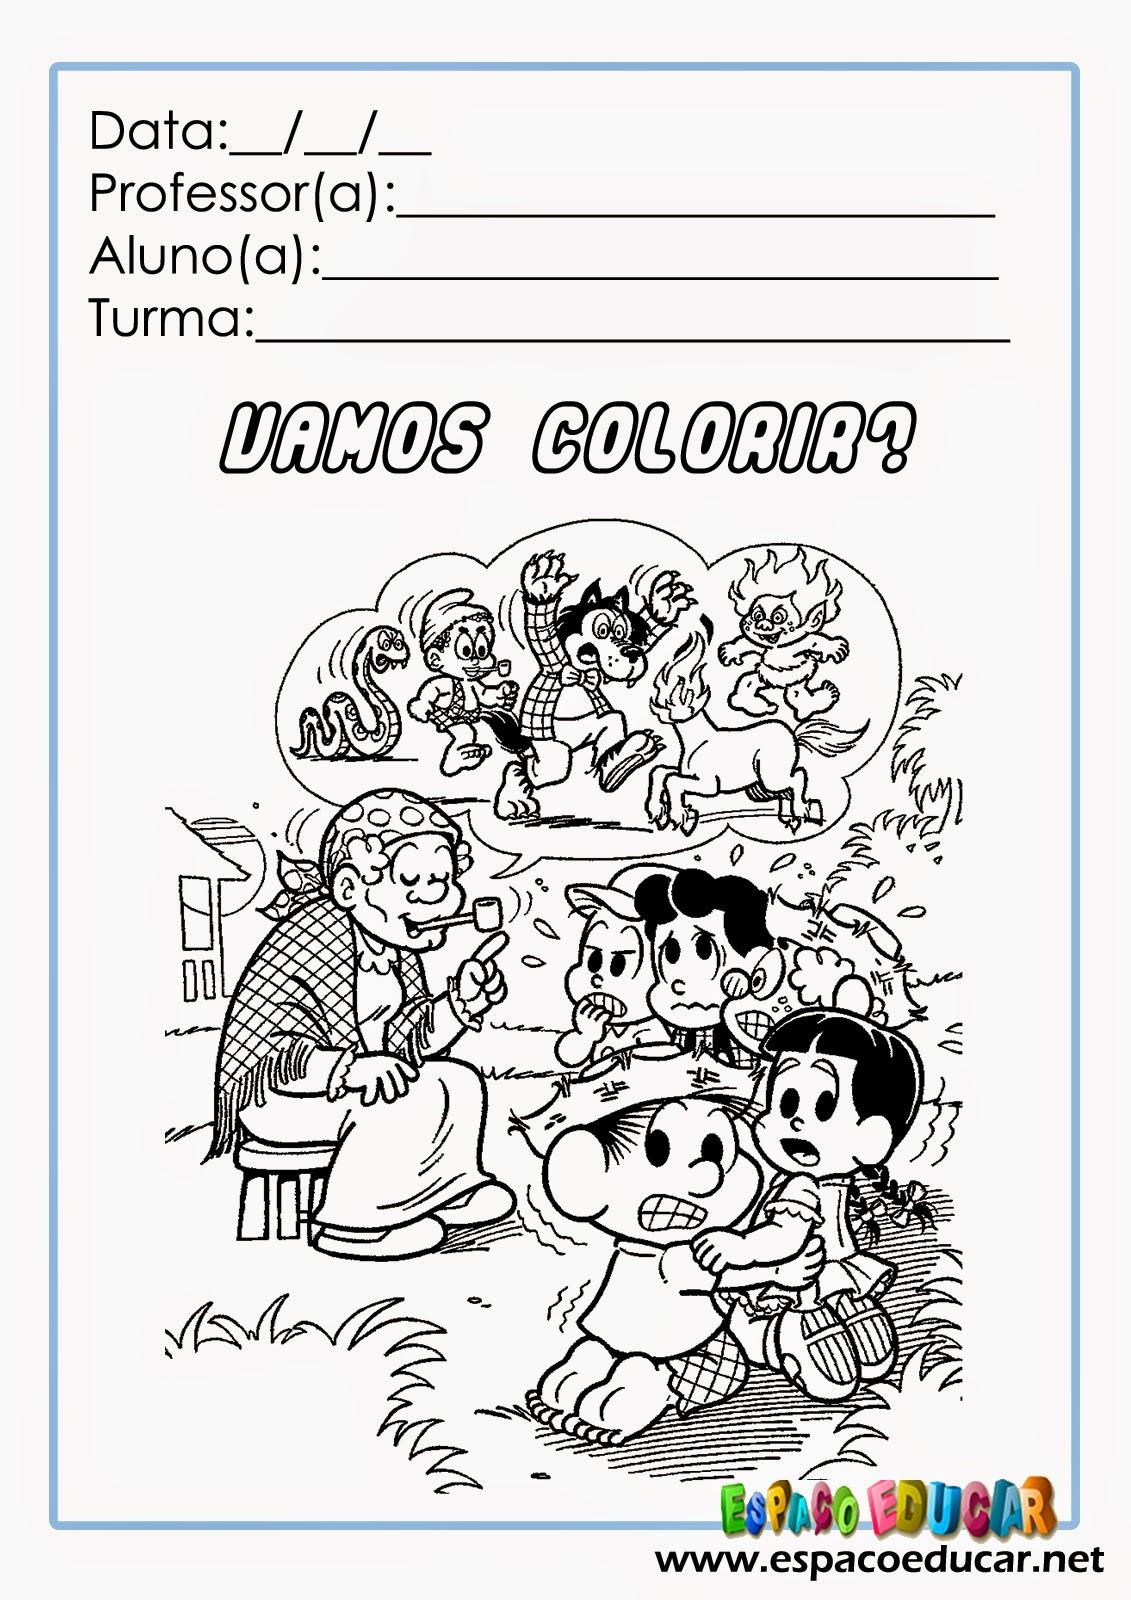 Desenhos Da Turma Da Monica No Folclore Para Colorir